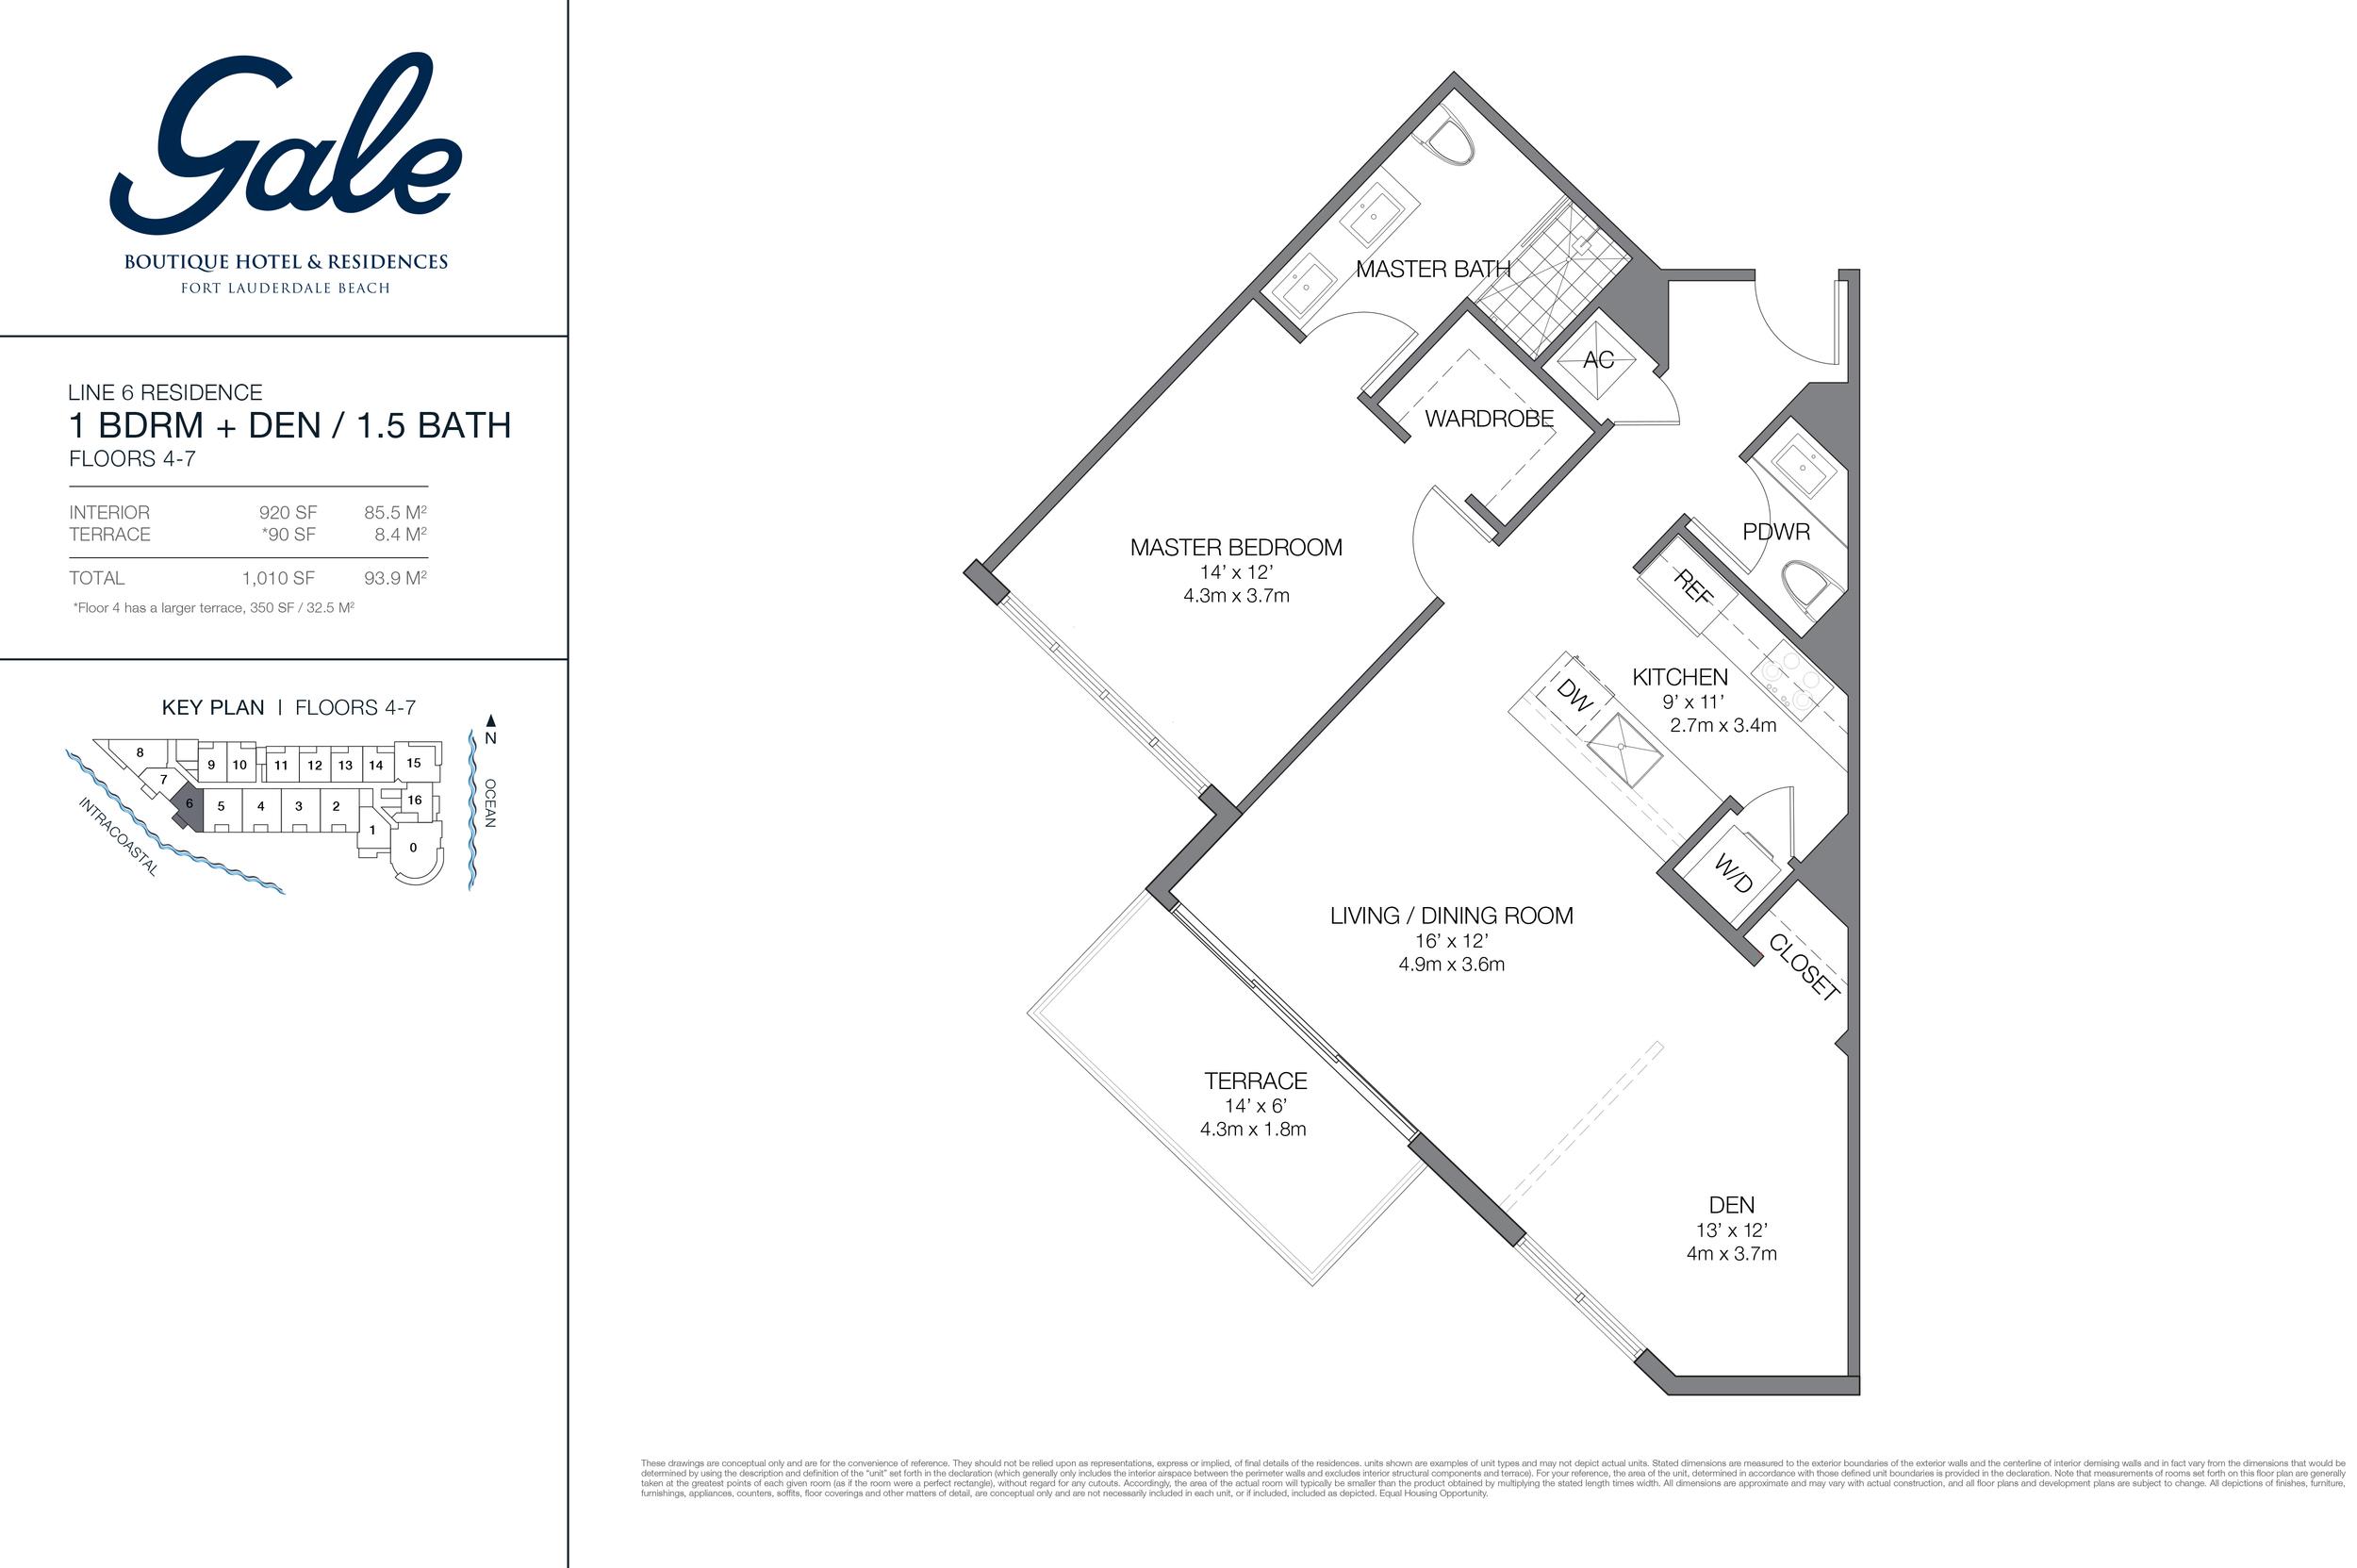 Gale Ft.Lauderdale Floor Plan Line 6